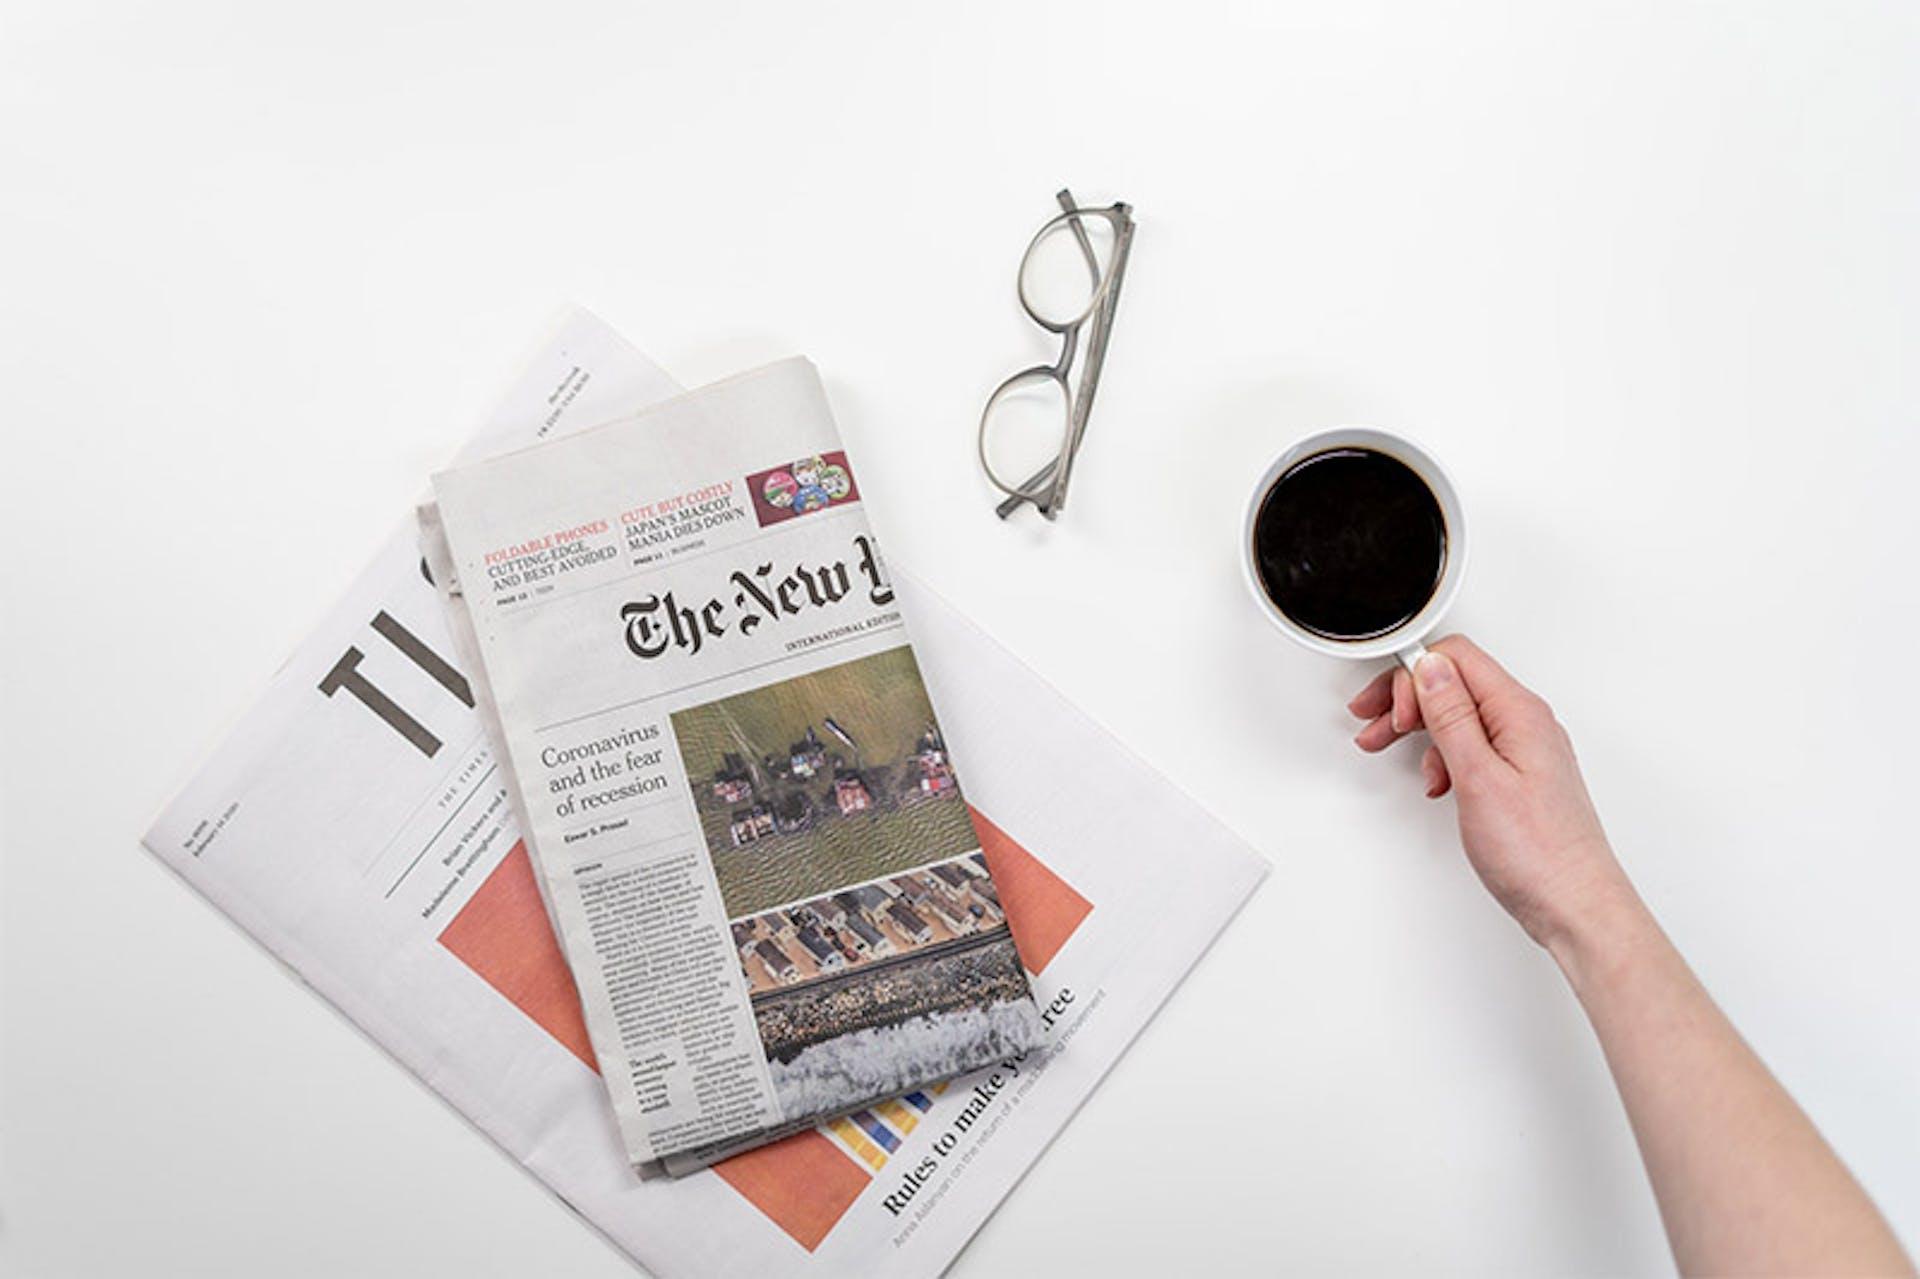 ¿Cómo redactar una entrevista? ¡Prepárate para tener éxito como periodista!